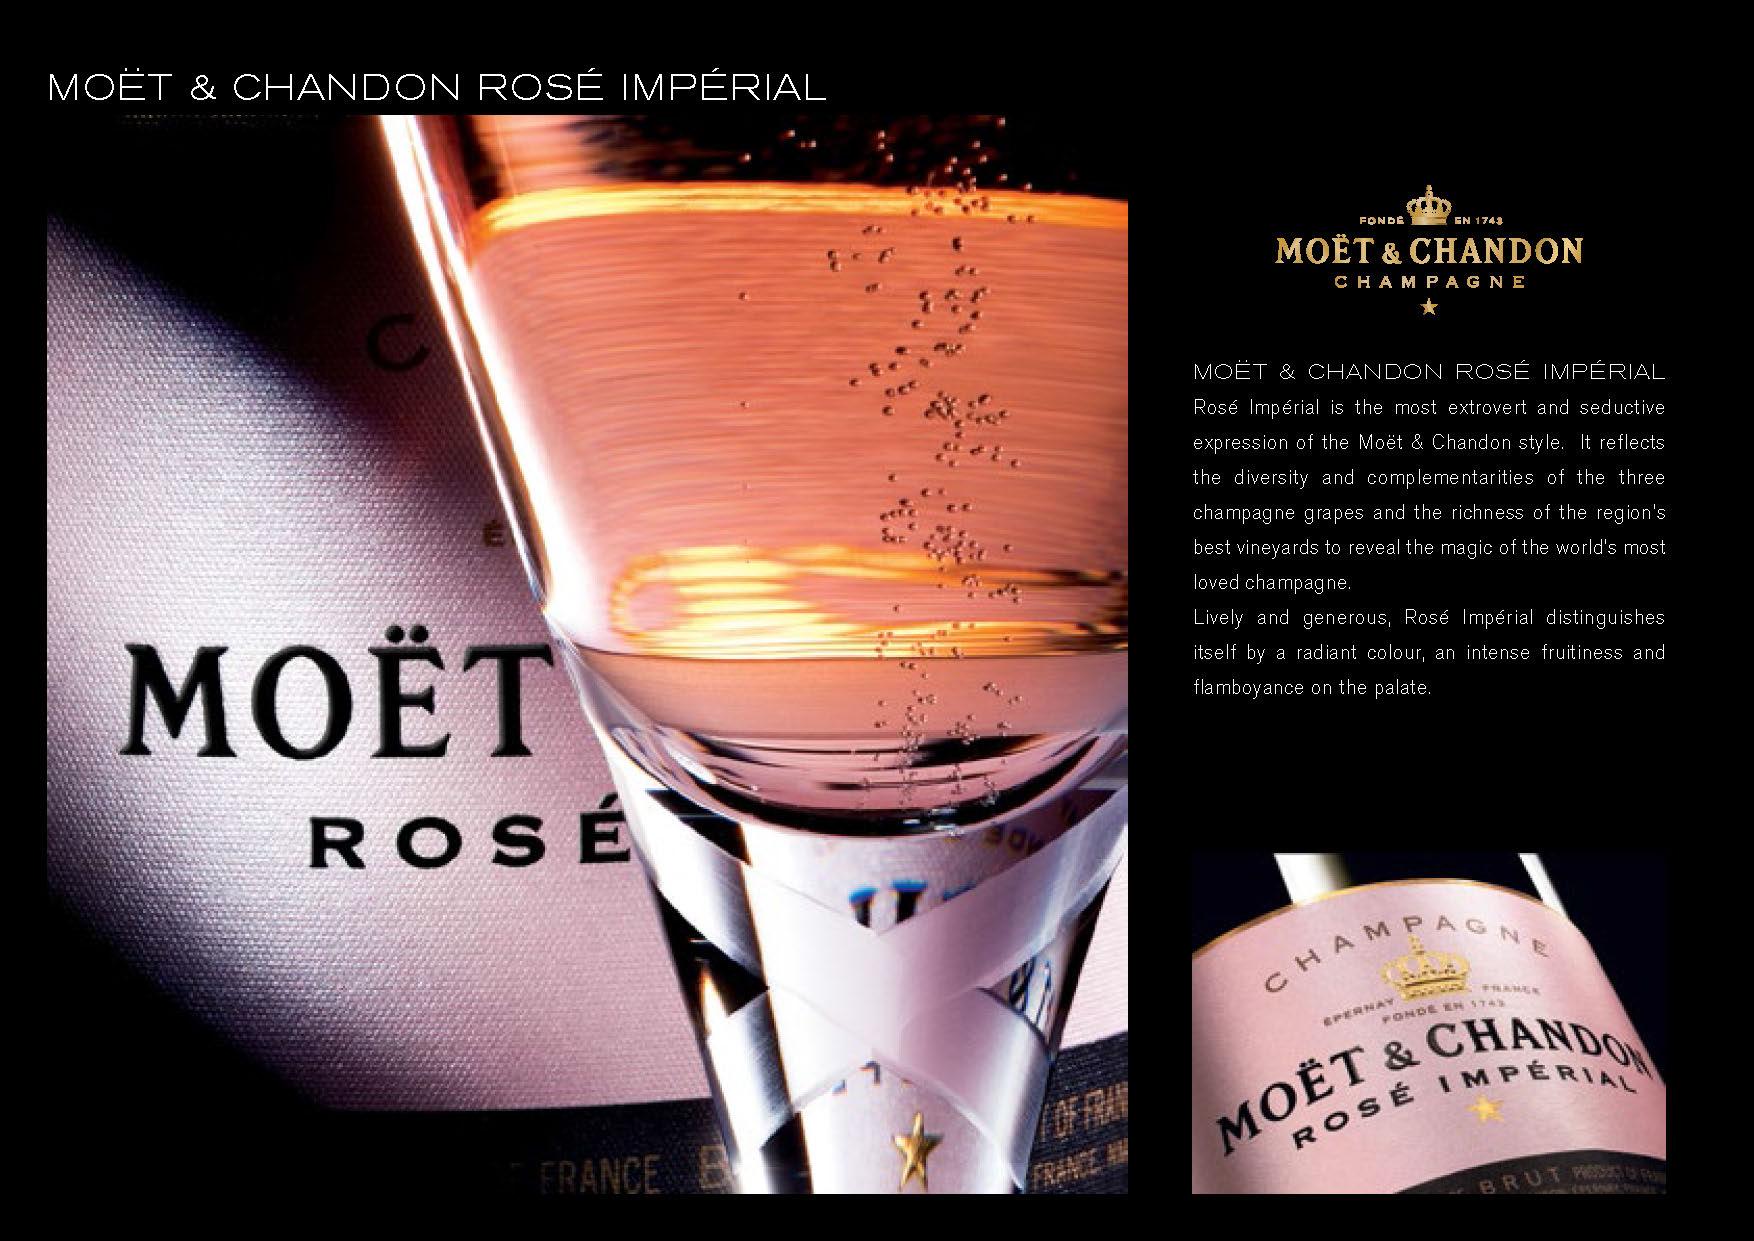 MOET HENNESSY UK PORTFOLIO 2013